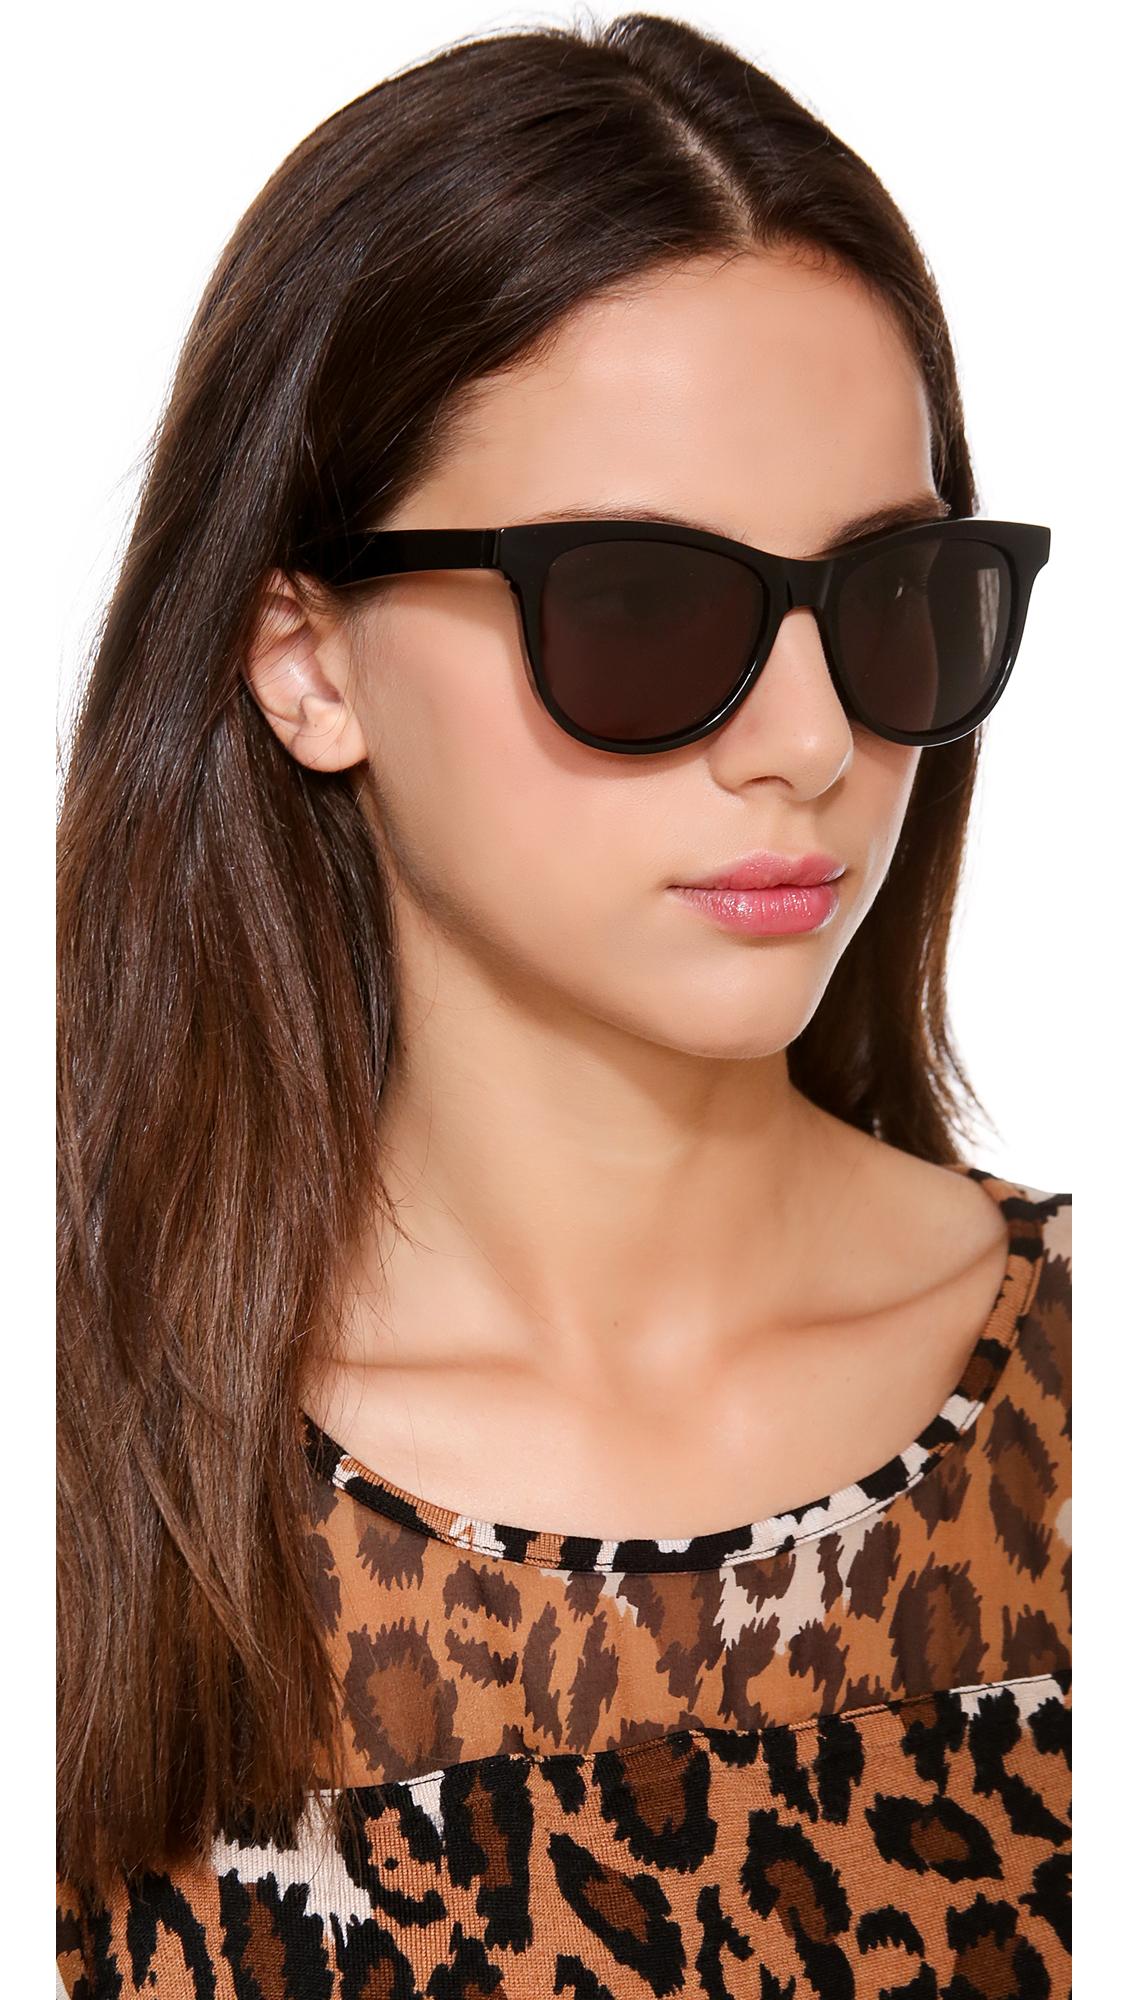 d0a692c070 Wildfox Catfarer Sunglasses